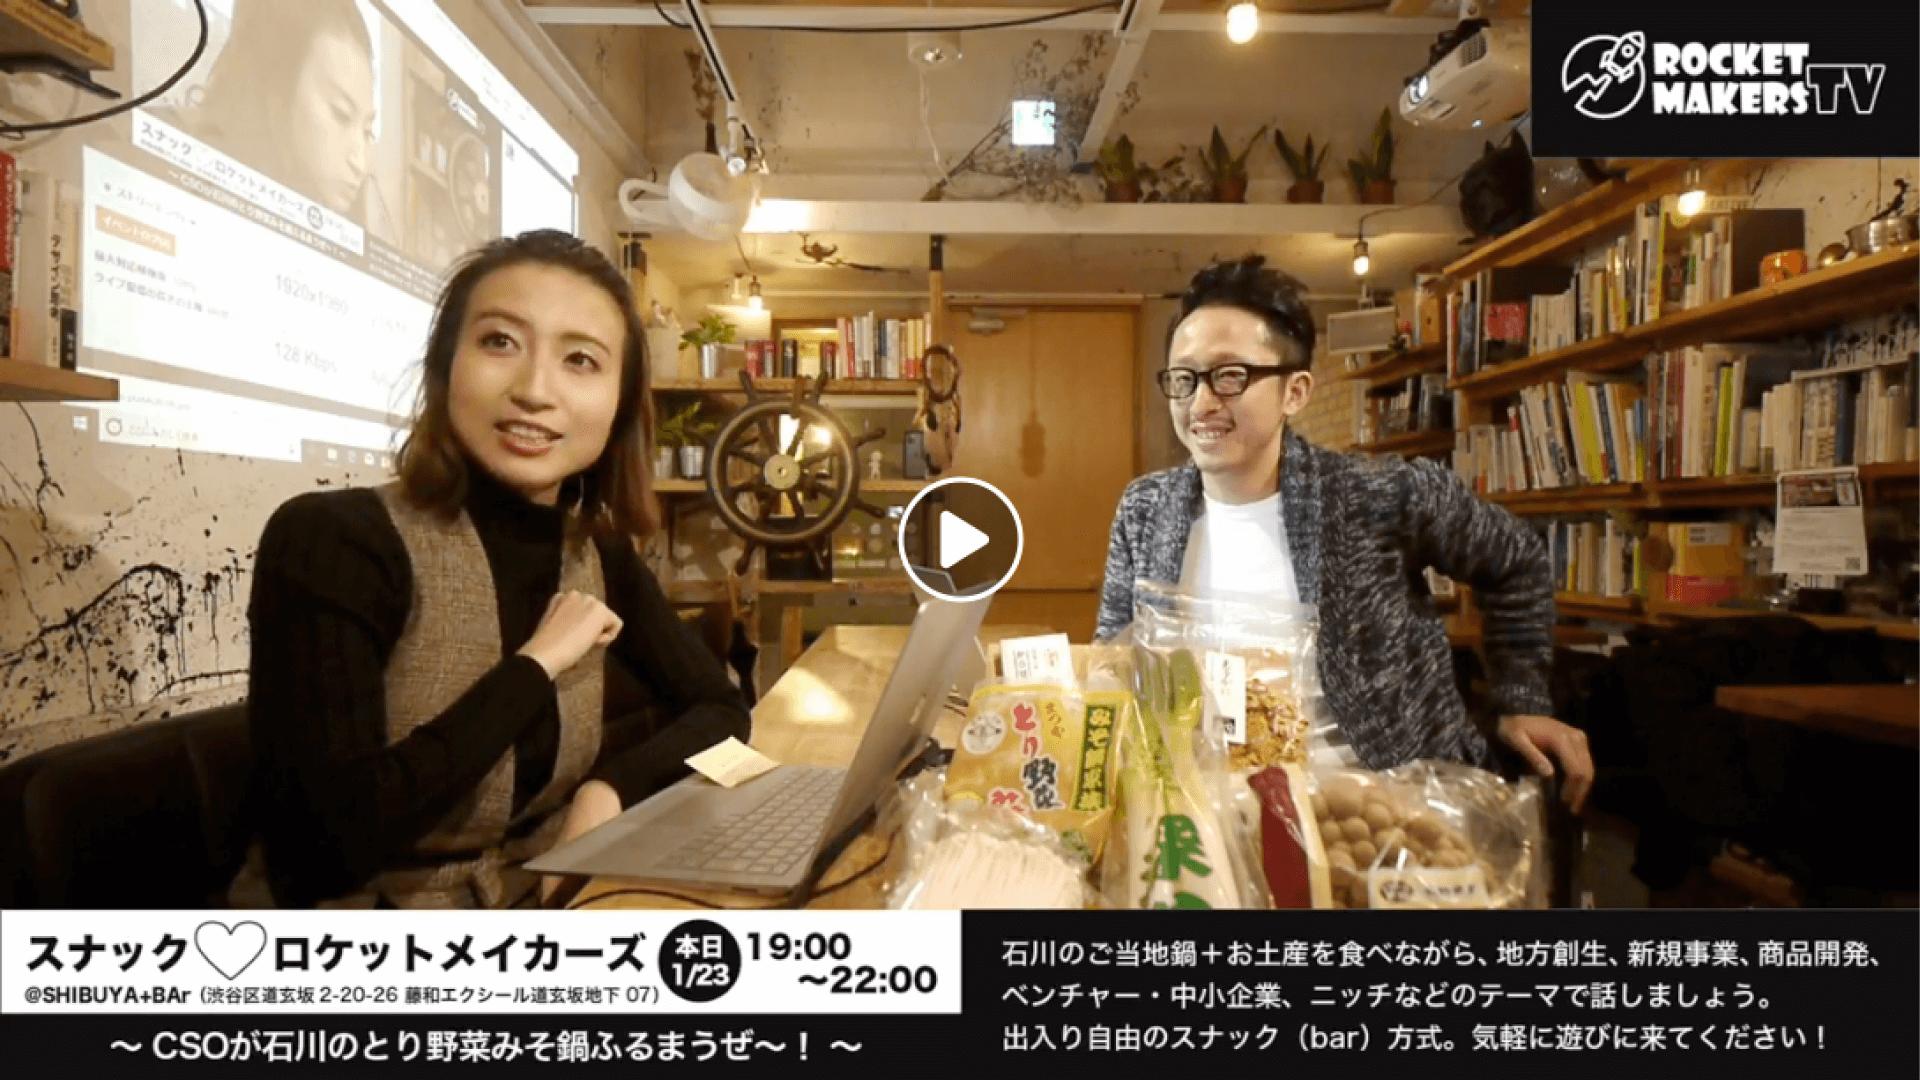 【第3回】CSOが石川のとり野菜みそ鍋ふるまうぜ〜!